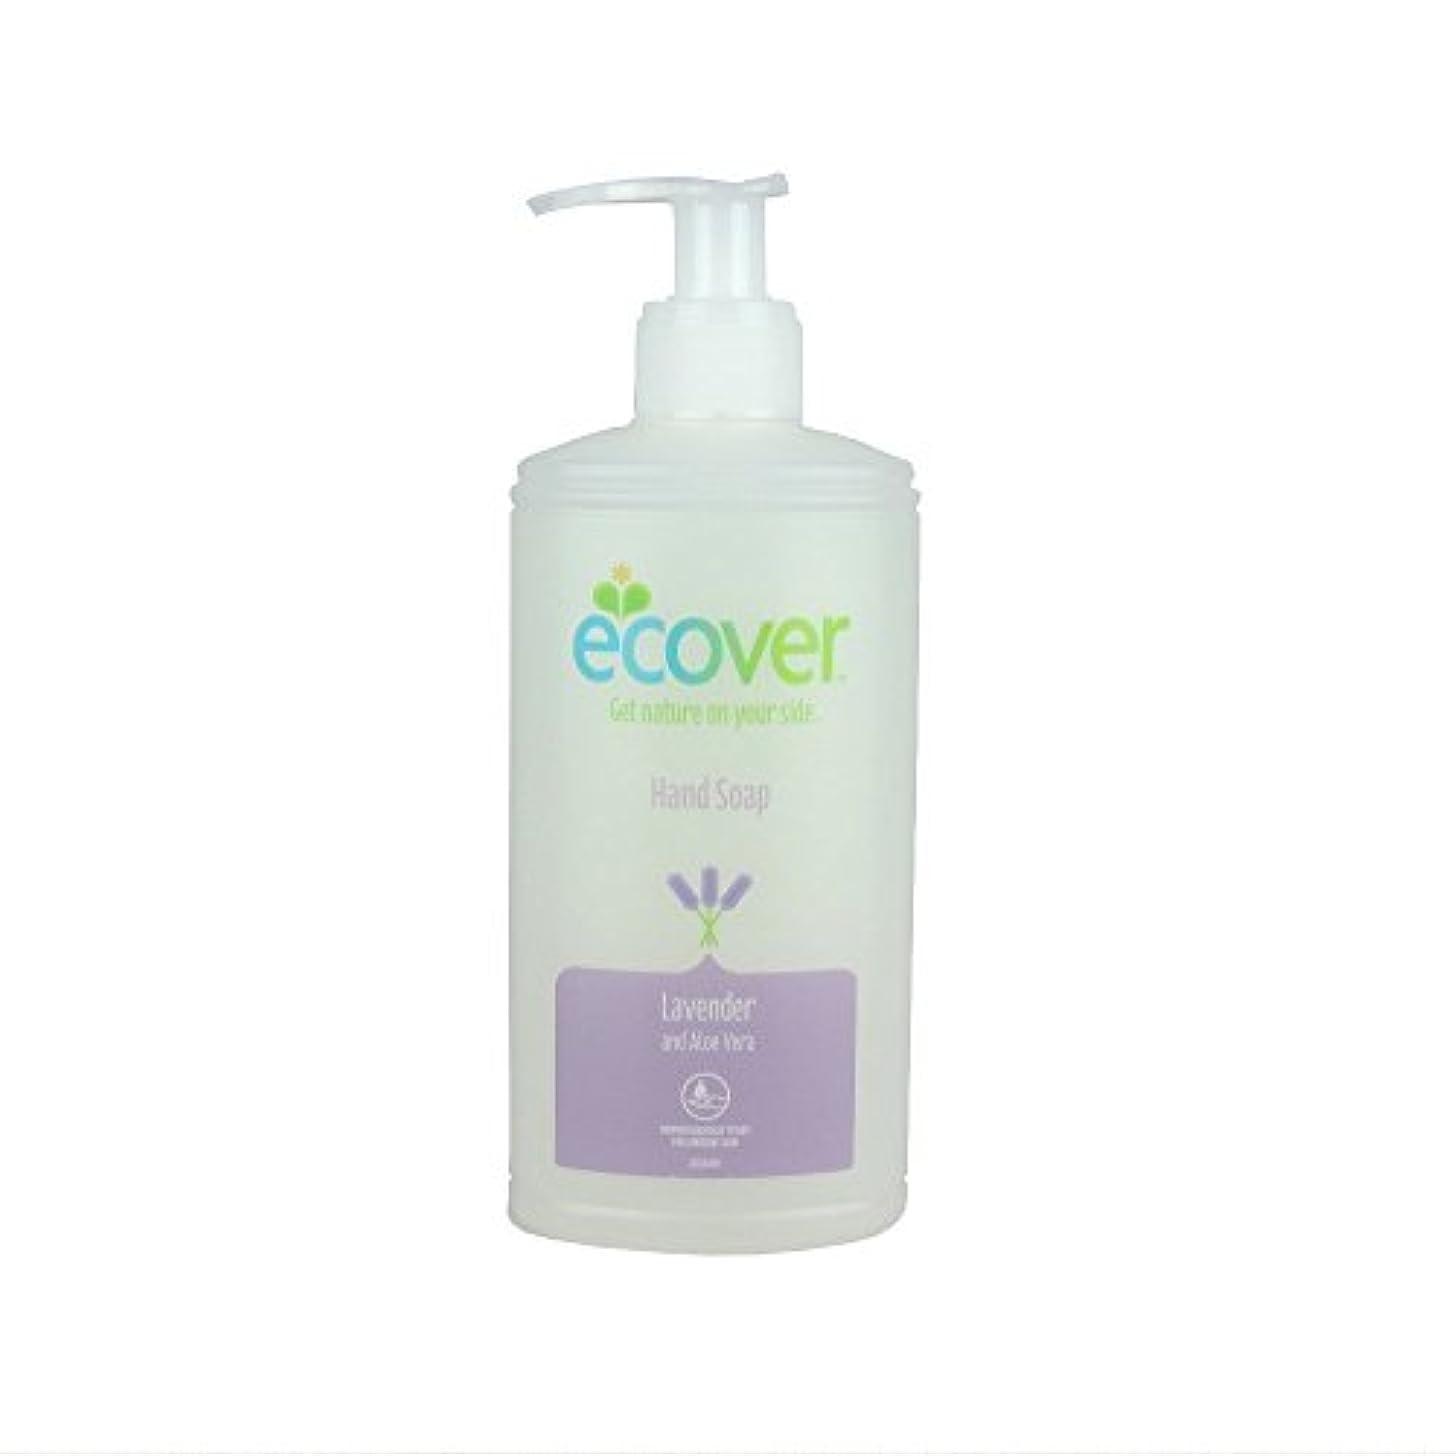 集計従来のリスキーなEcover Liquid Hand Soap Lavender & Aloe Vera (250ml) 液体ハンドソープラベンダーとアロエベラ( 250ミリリットル)をエコベール